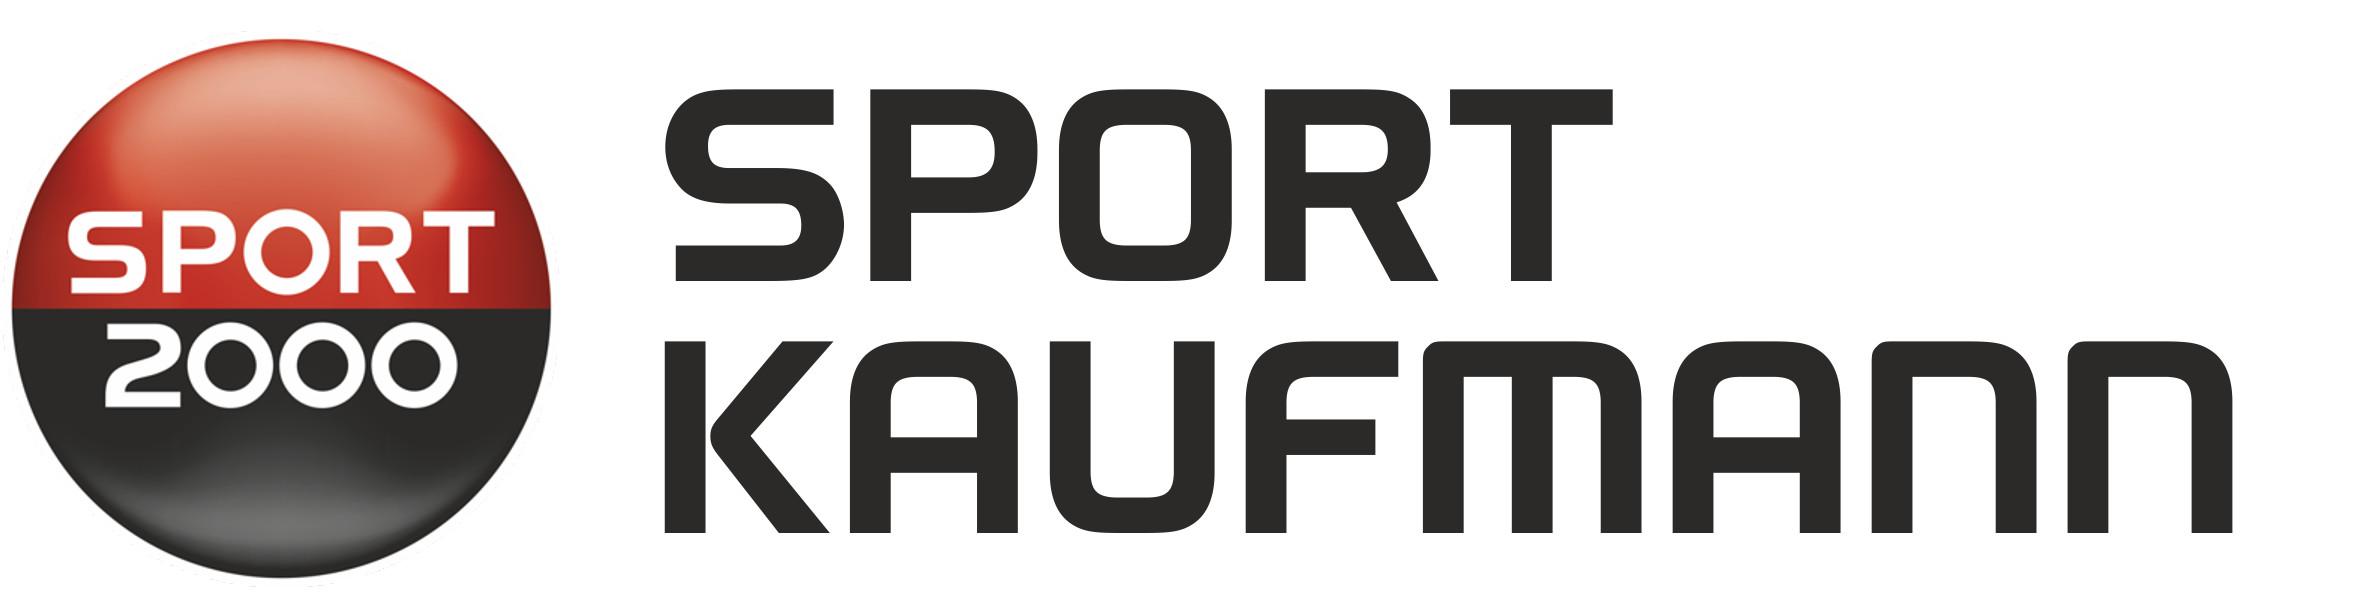 Sport Kaufmann